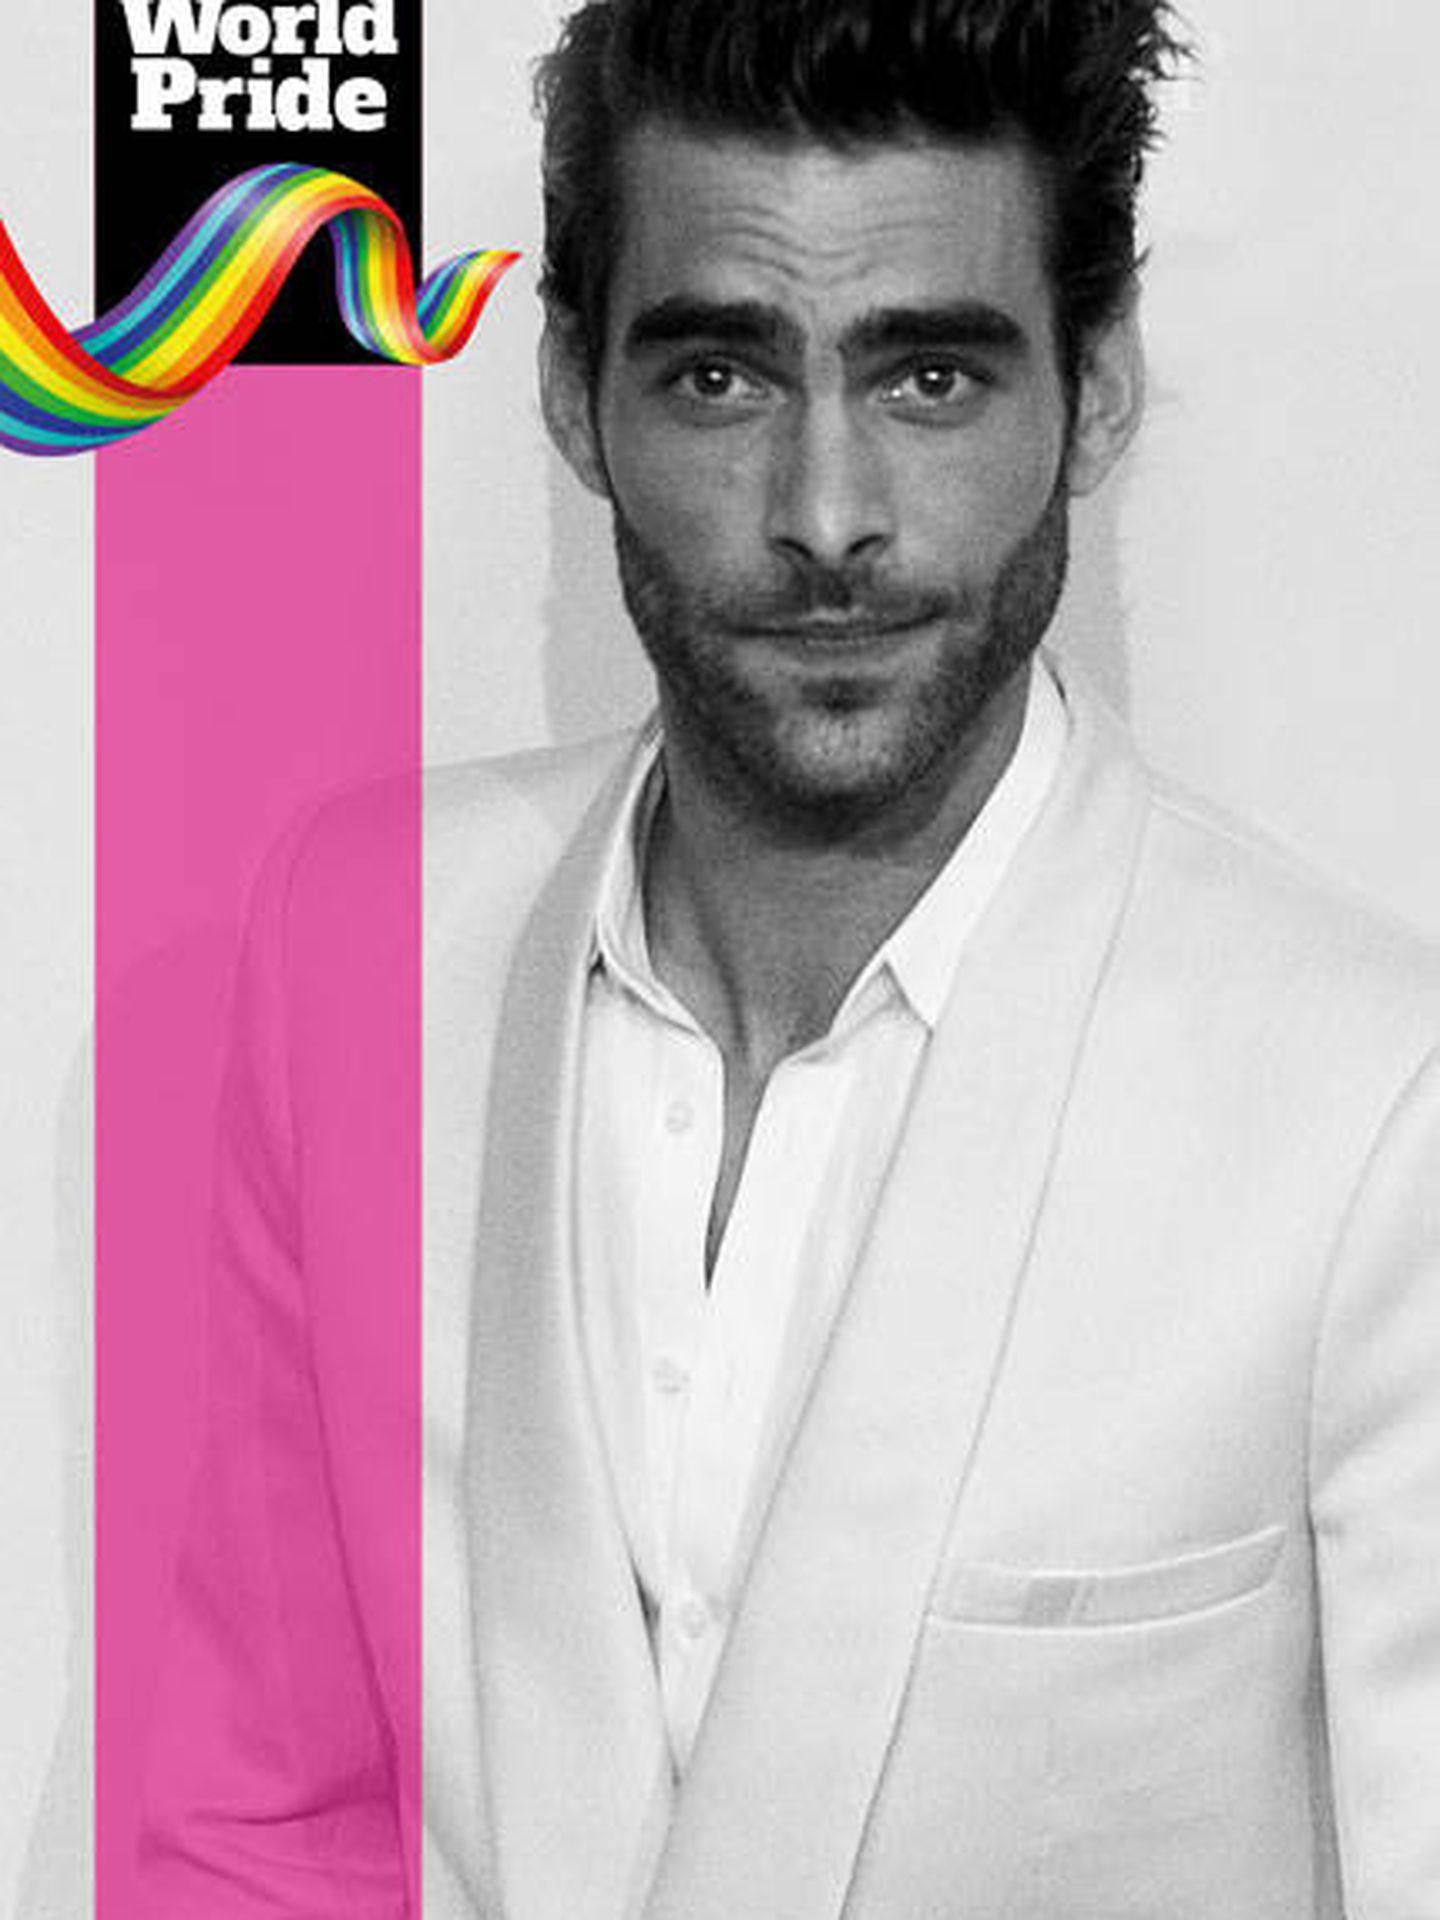 Orgullo LGTBI 2017: Jon Kortajarena (Moda)